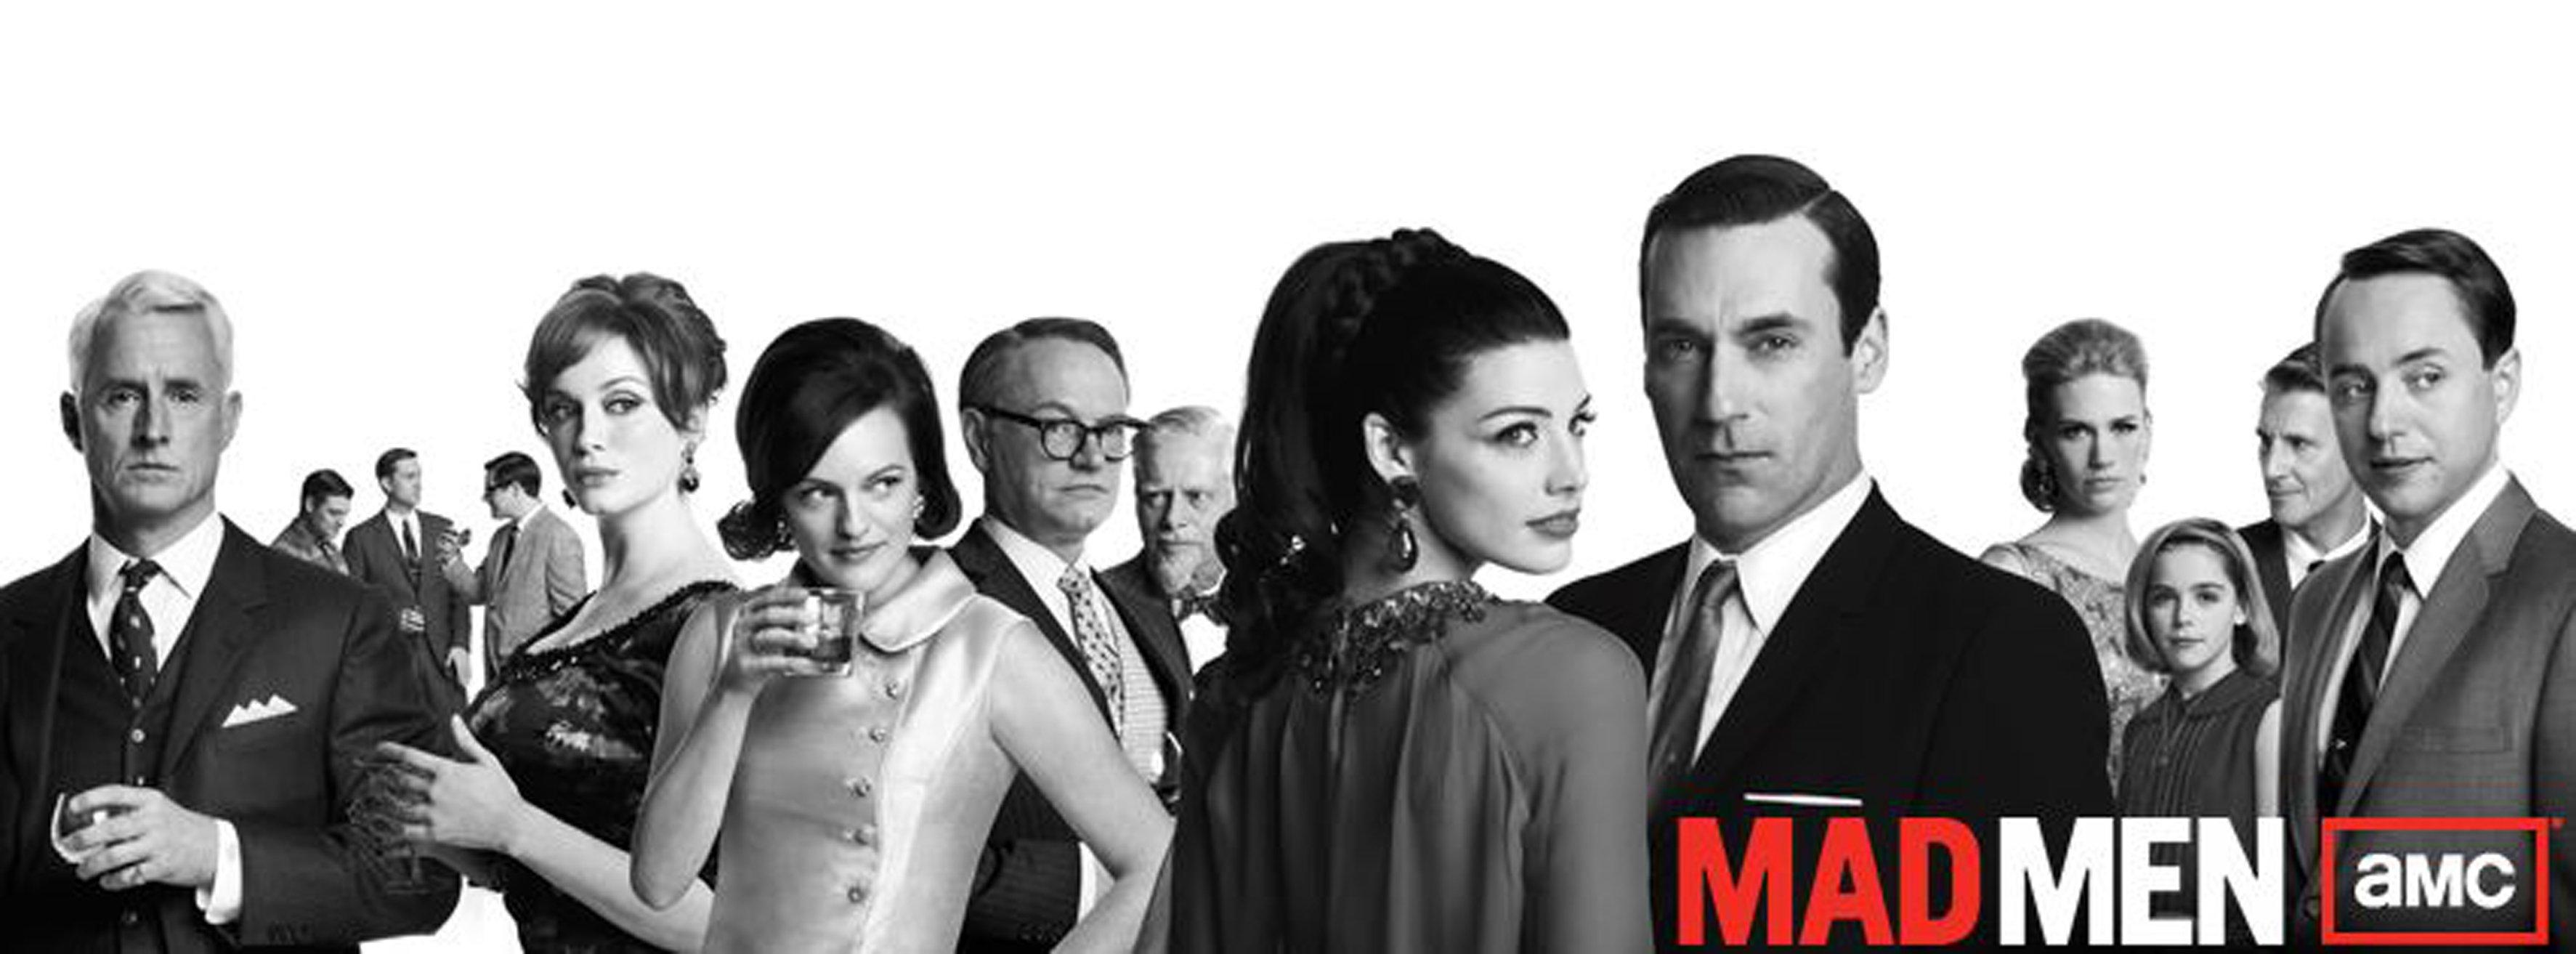 MAD MEN period drama madmen series wallpaper | 3546x1313 ...